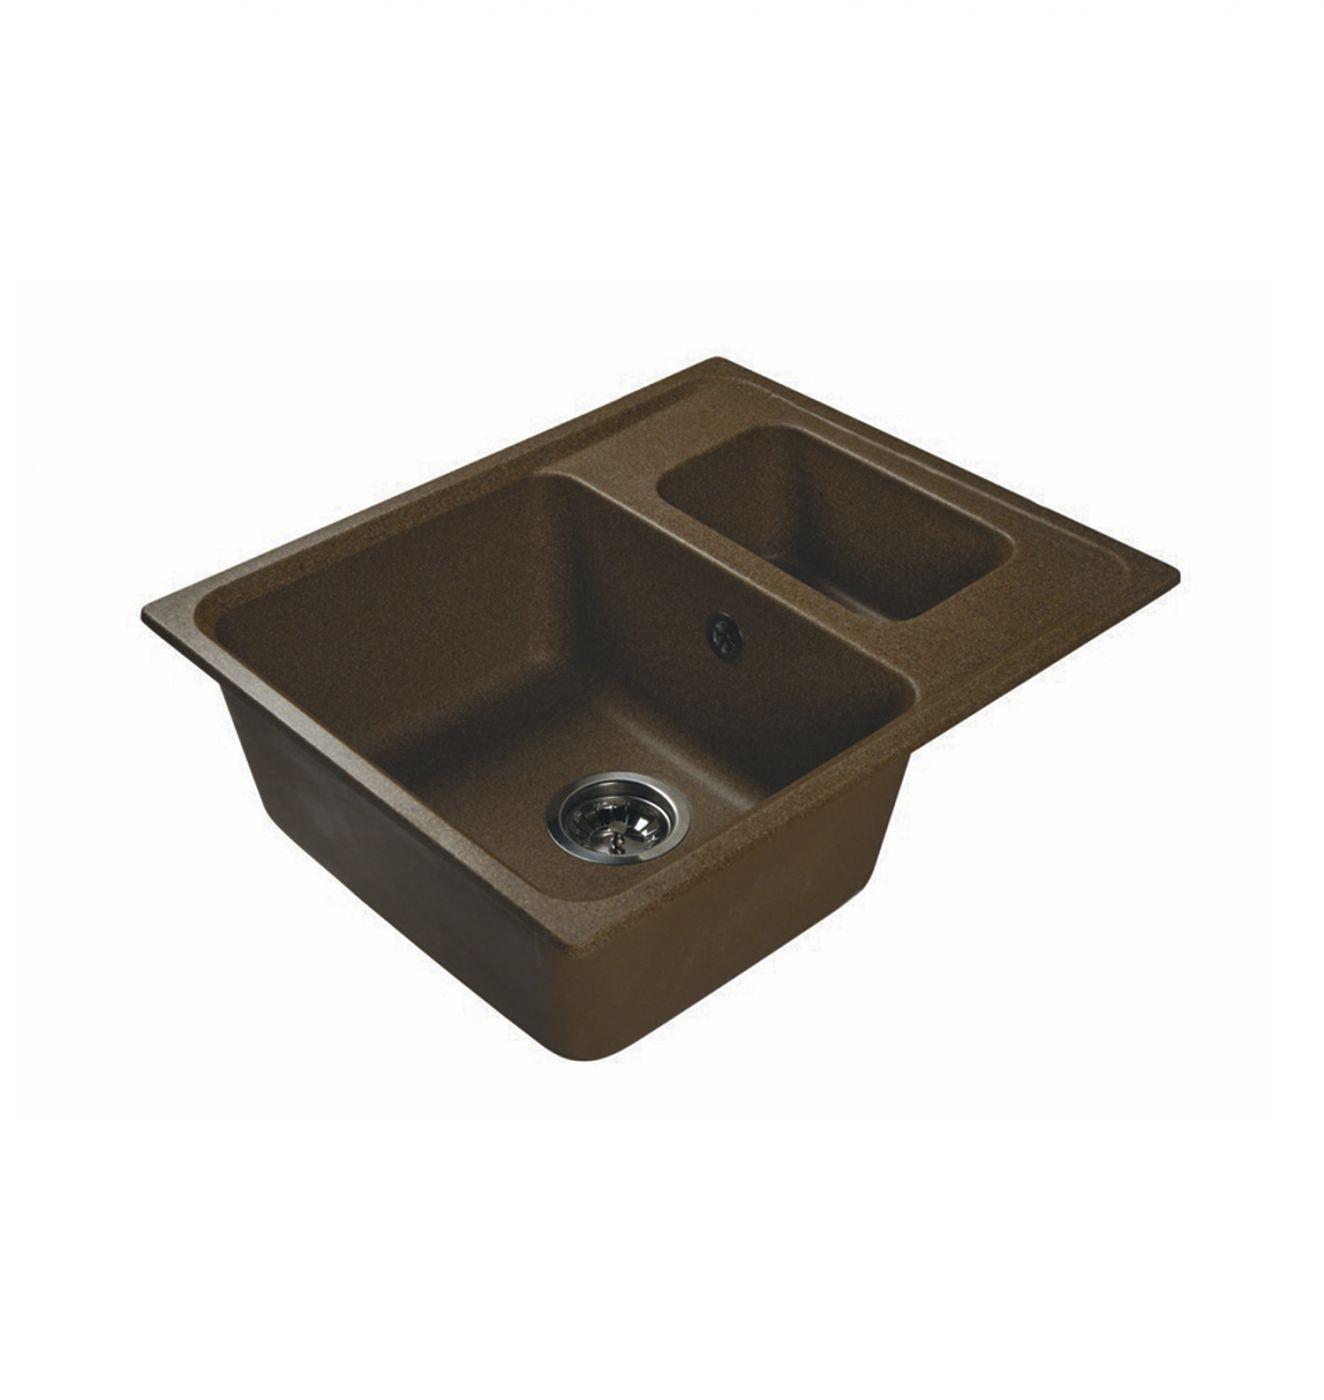 Врезная кухонная мойка LEX Zurich 590 Chocolate 59х49см искусственный мрамор RULE000087